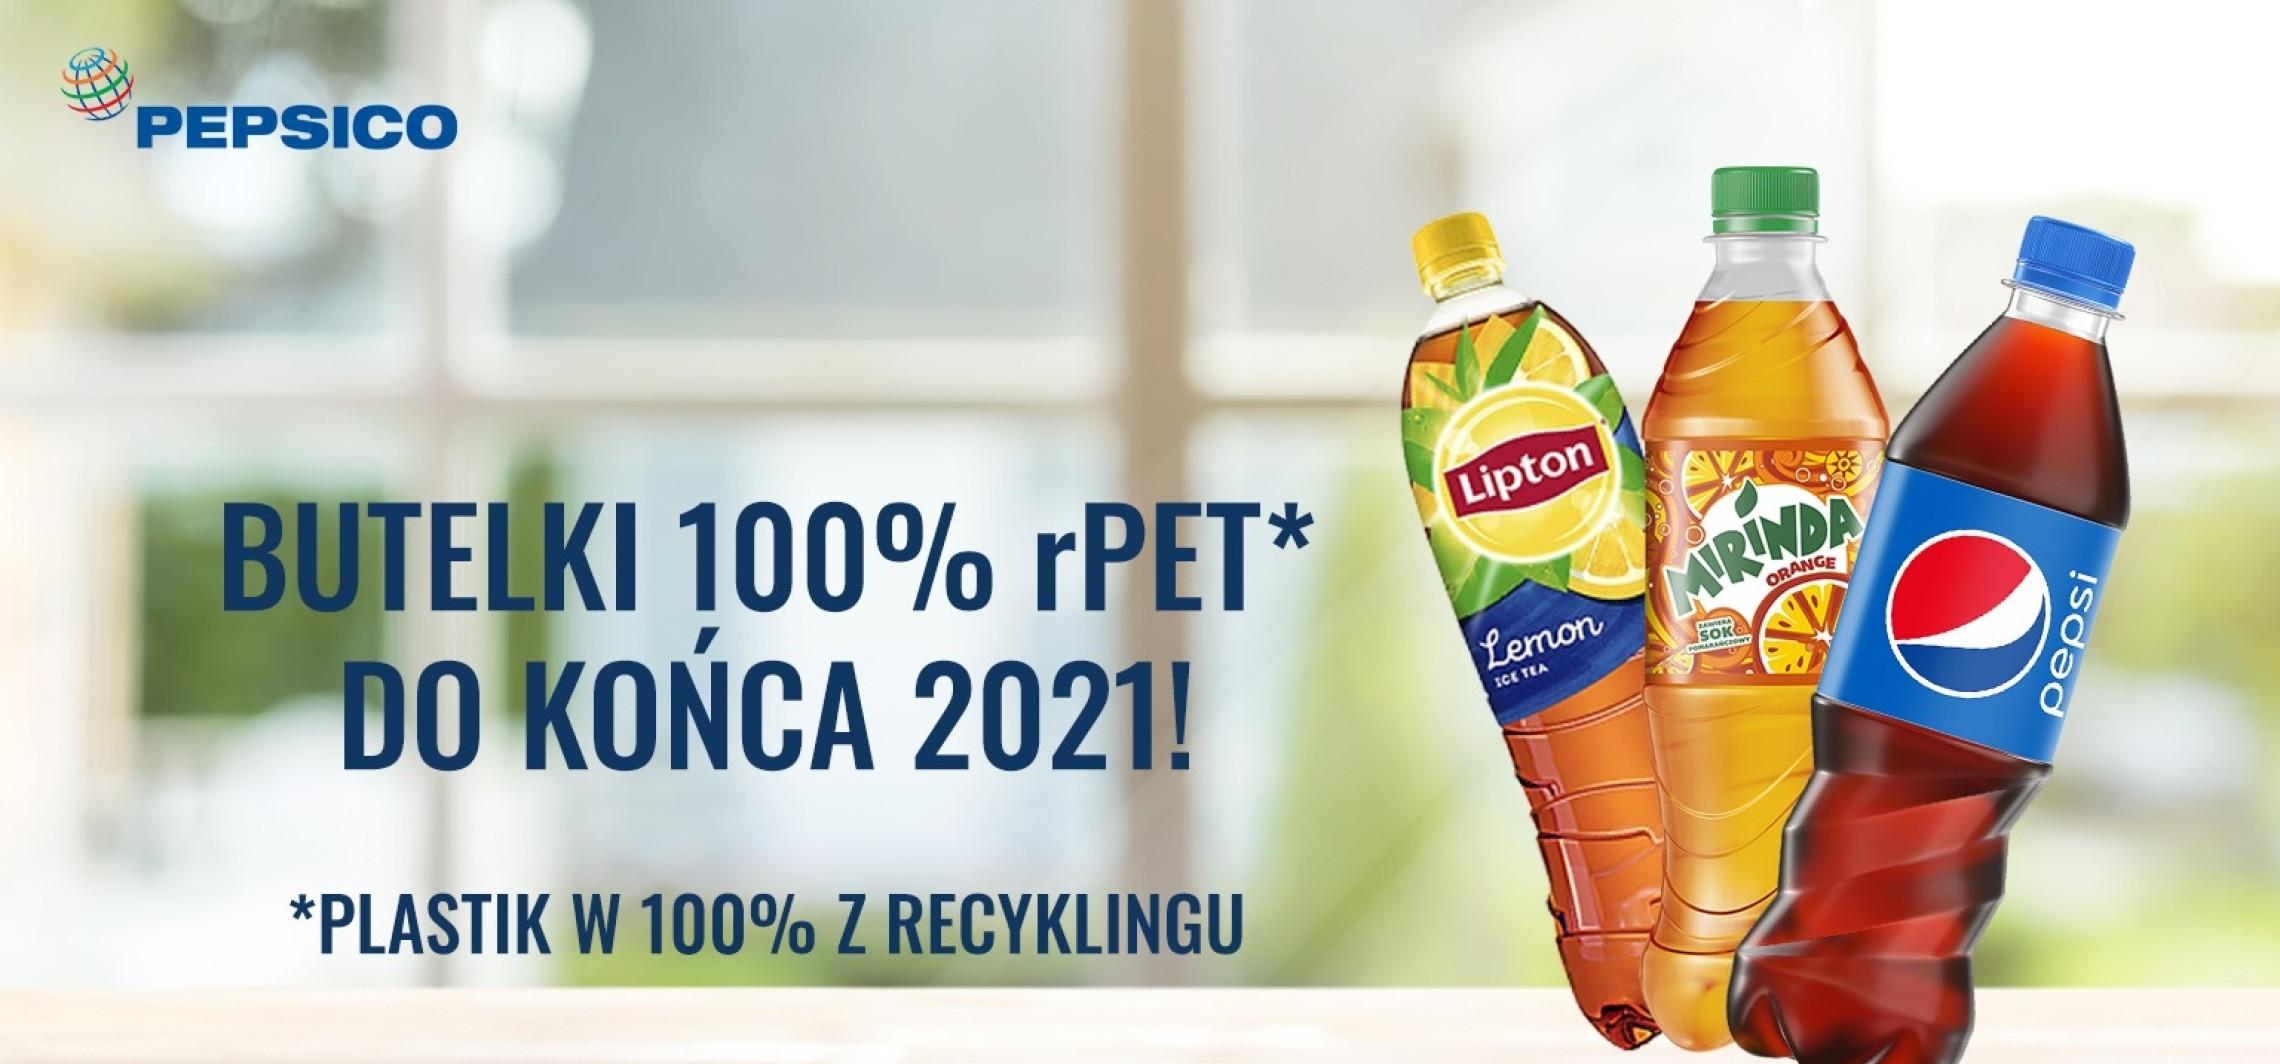 Kraj - Przełom w PepsiCo - butelki Pepsi wykonane będą w 100% z rPET do końca 2021 roku